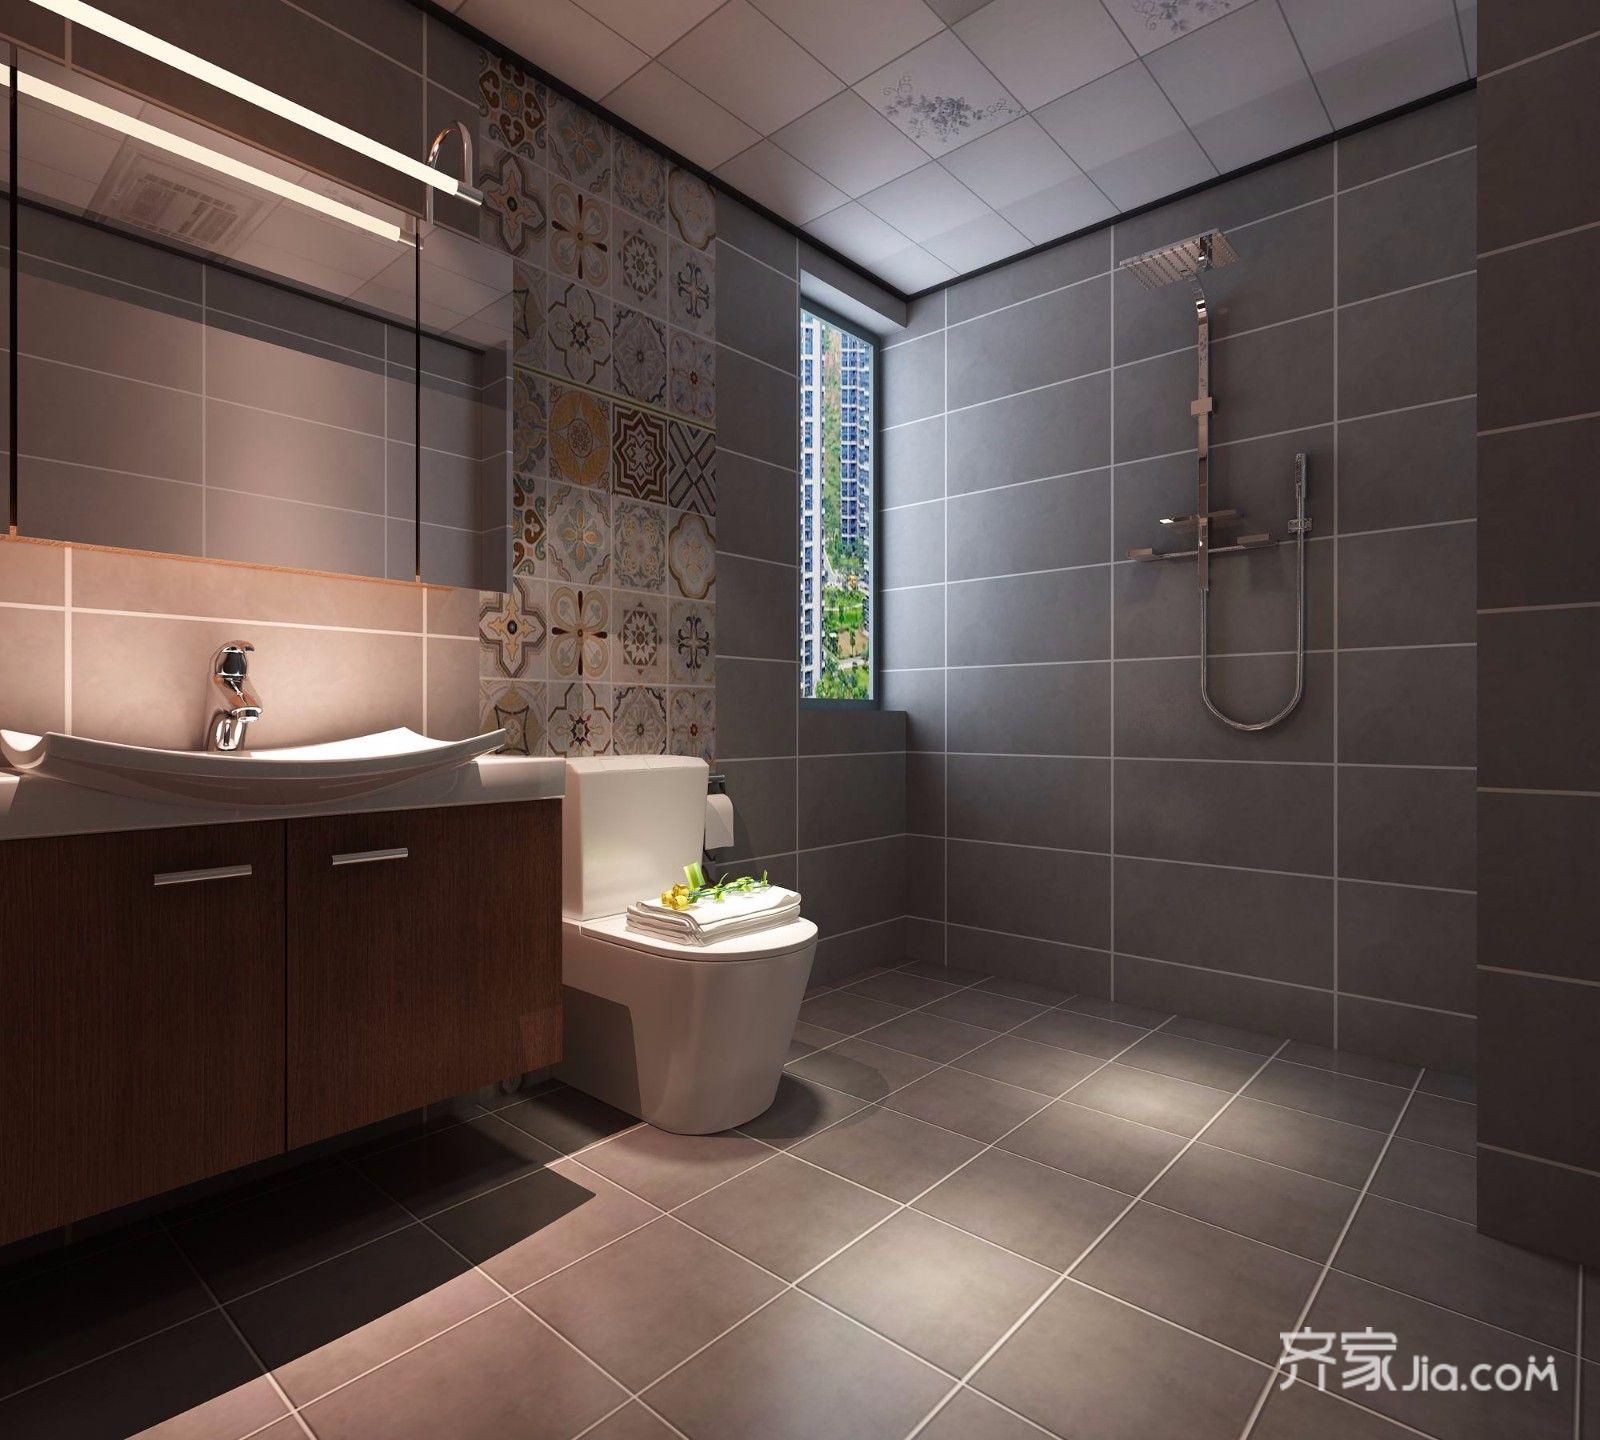 100㎡欧式风格两居卫生间装修效果图